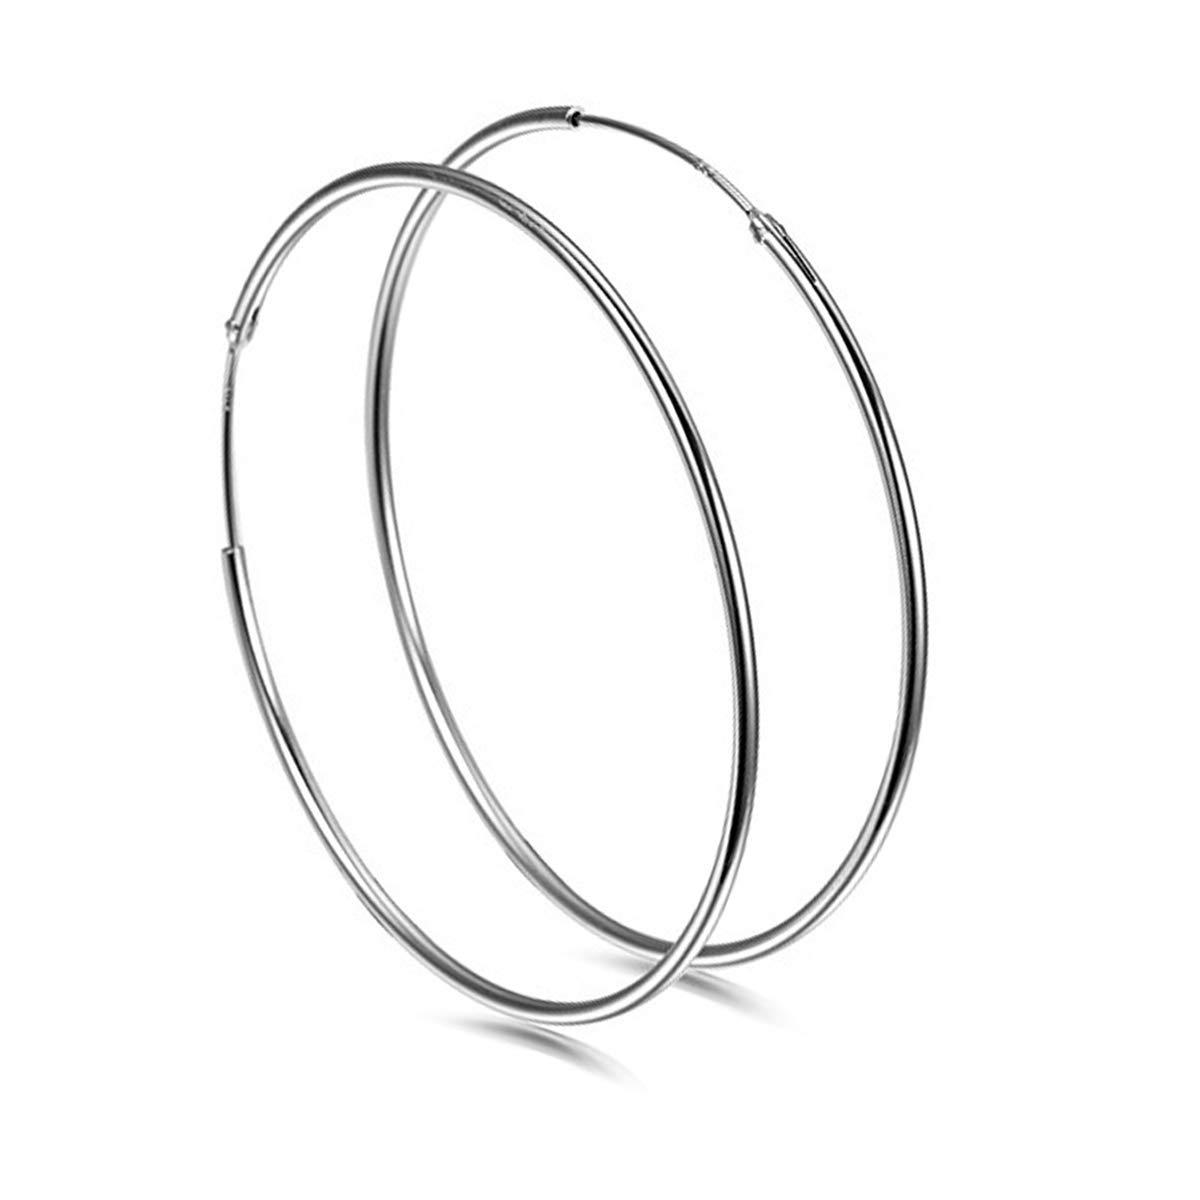 925 Sterling Silver Large Hoop Earrings 40mm Big Endless Round